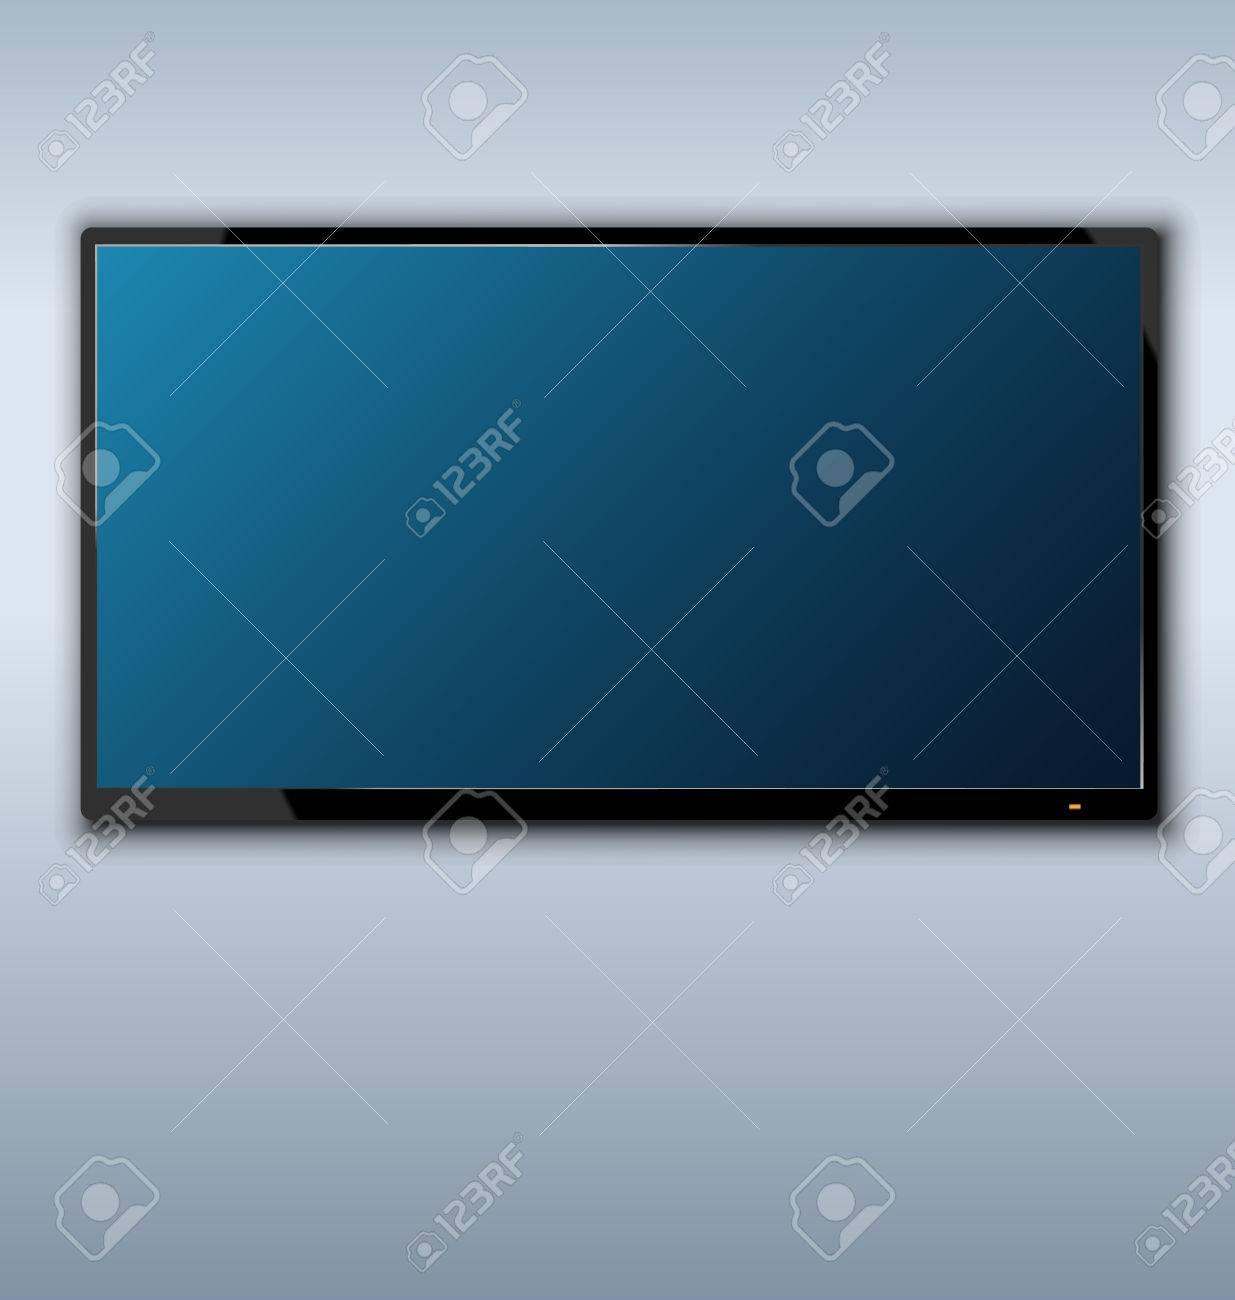 Illustration Fernseher An Der Wand Hängen Hintergrund Lizenzfrei